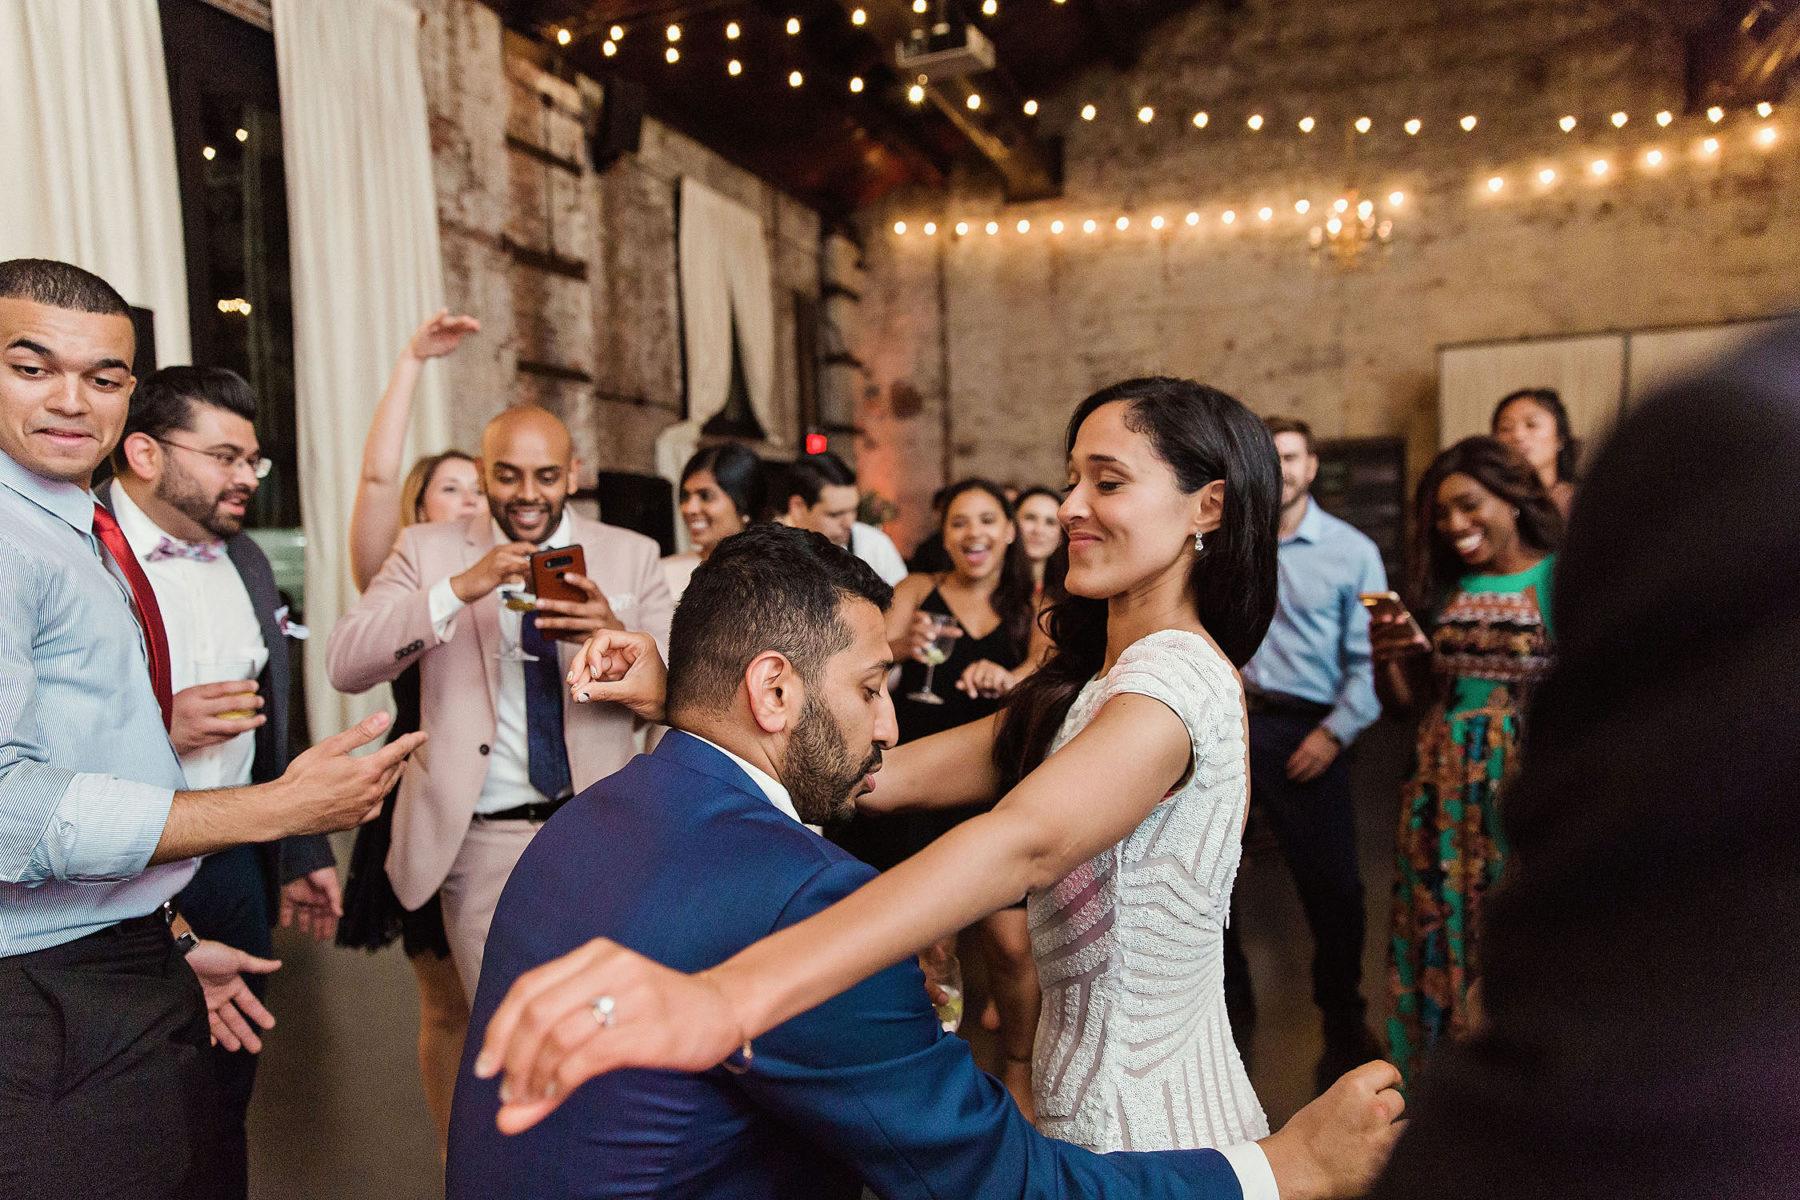 Brooklyn Wedding Reception Photographer